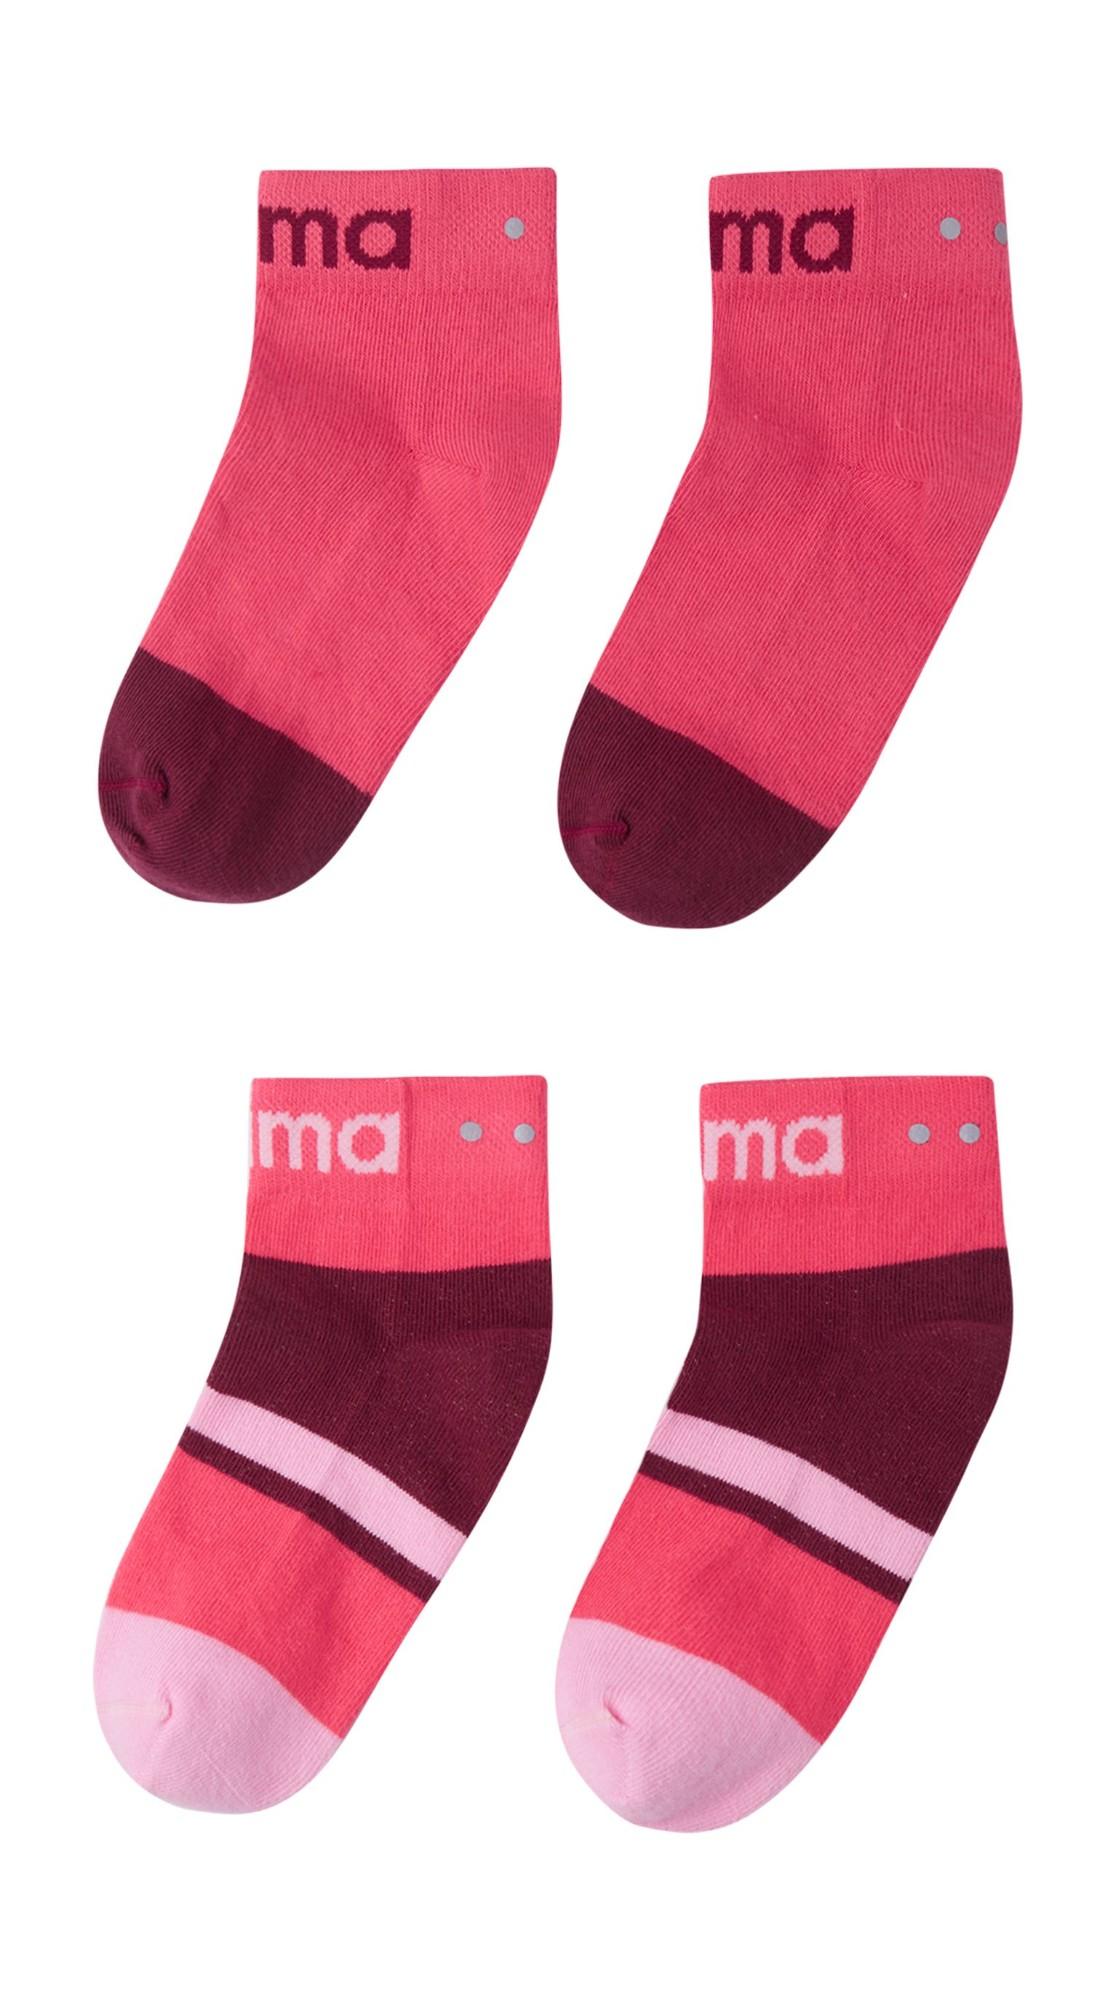 REIMA Nilkka Azalea Pink 30-33